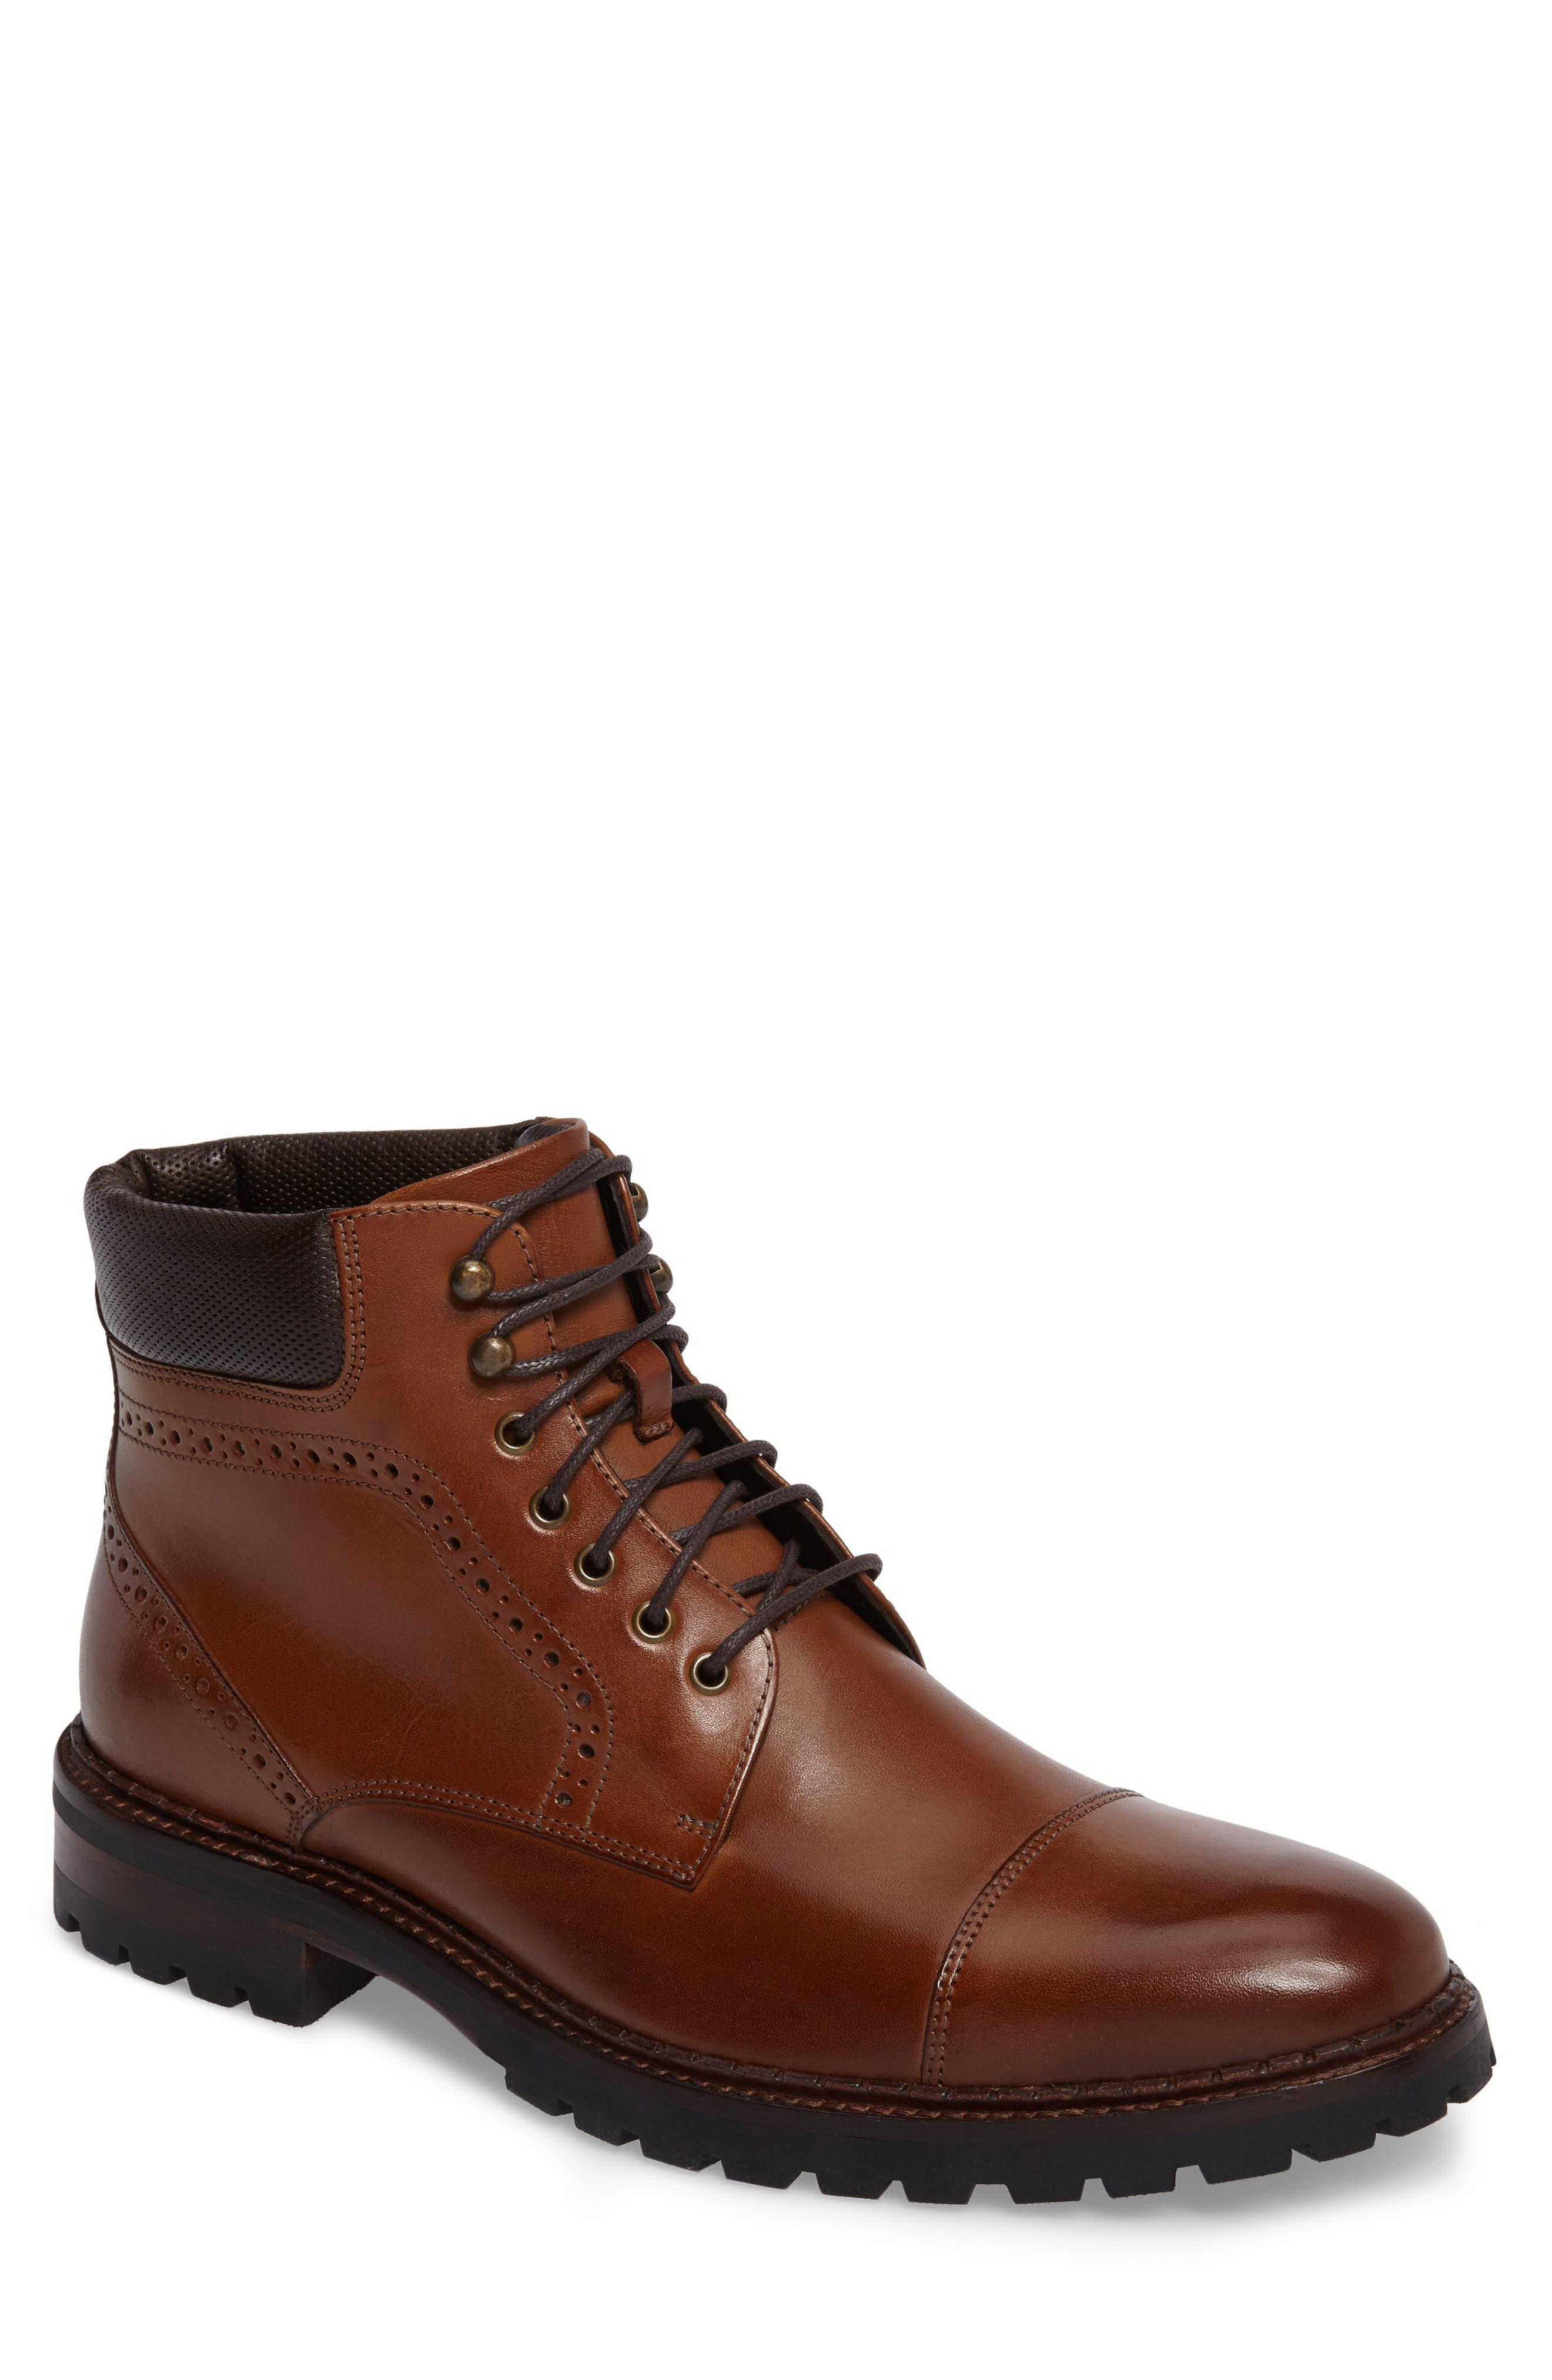 Jennings Cap Toe Boot,                         Main,                         color, 240